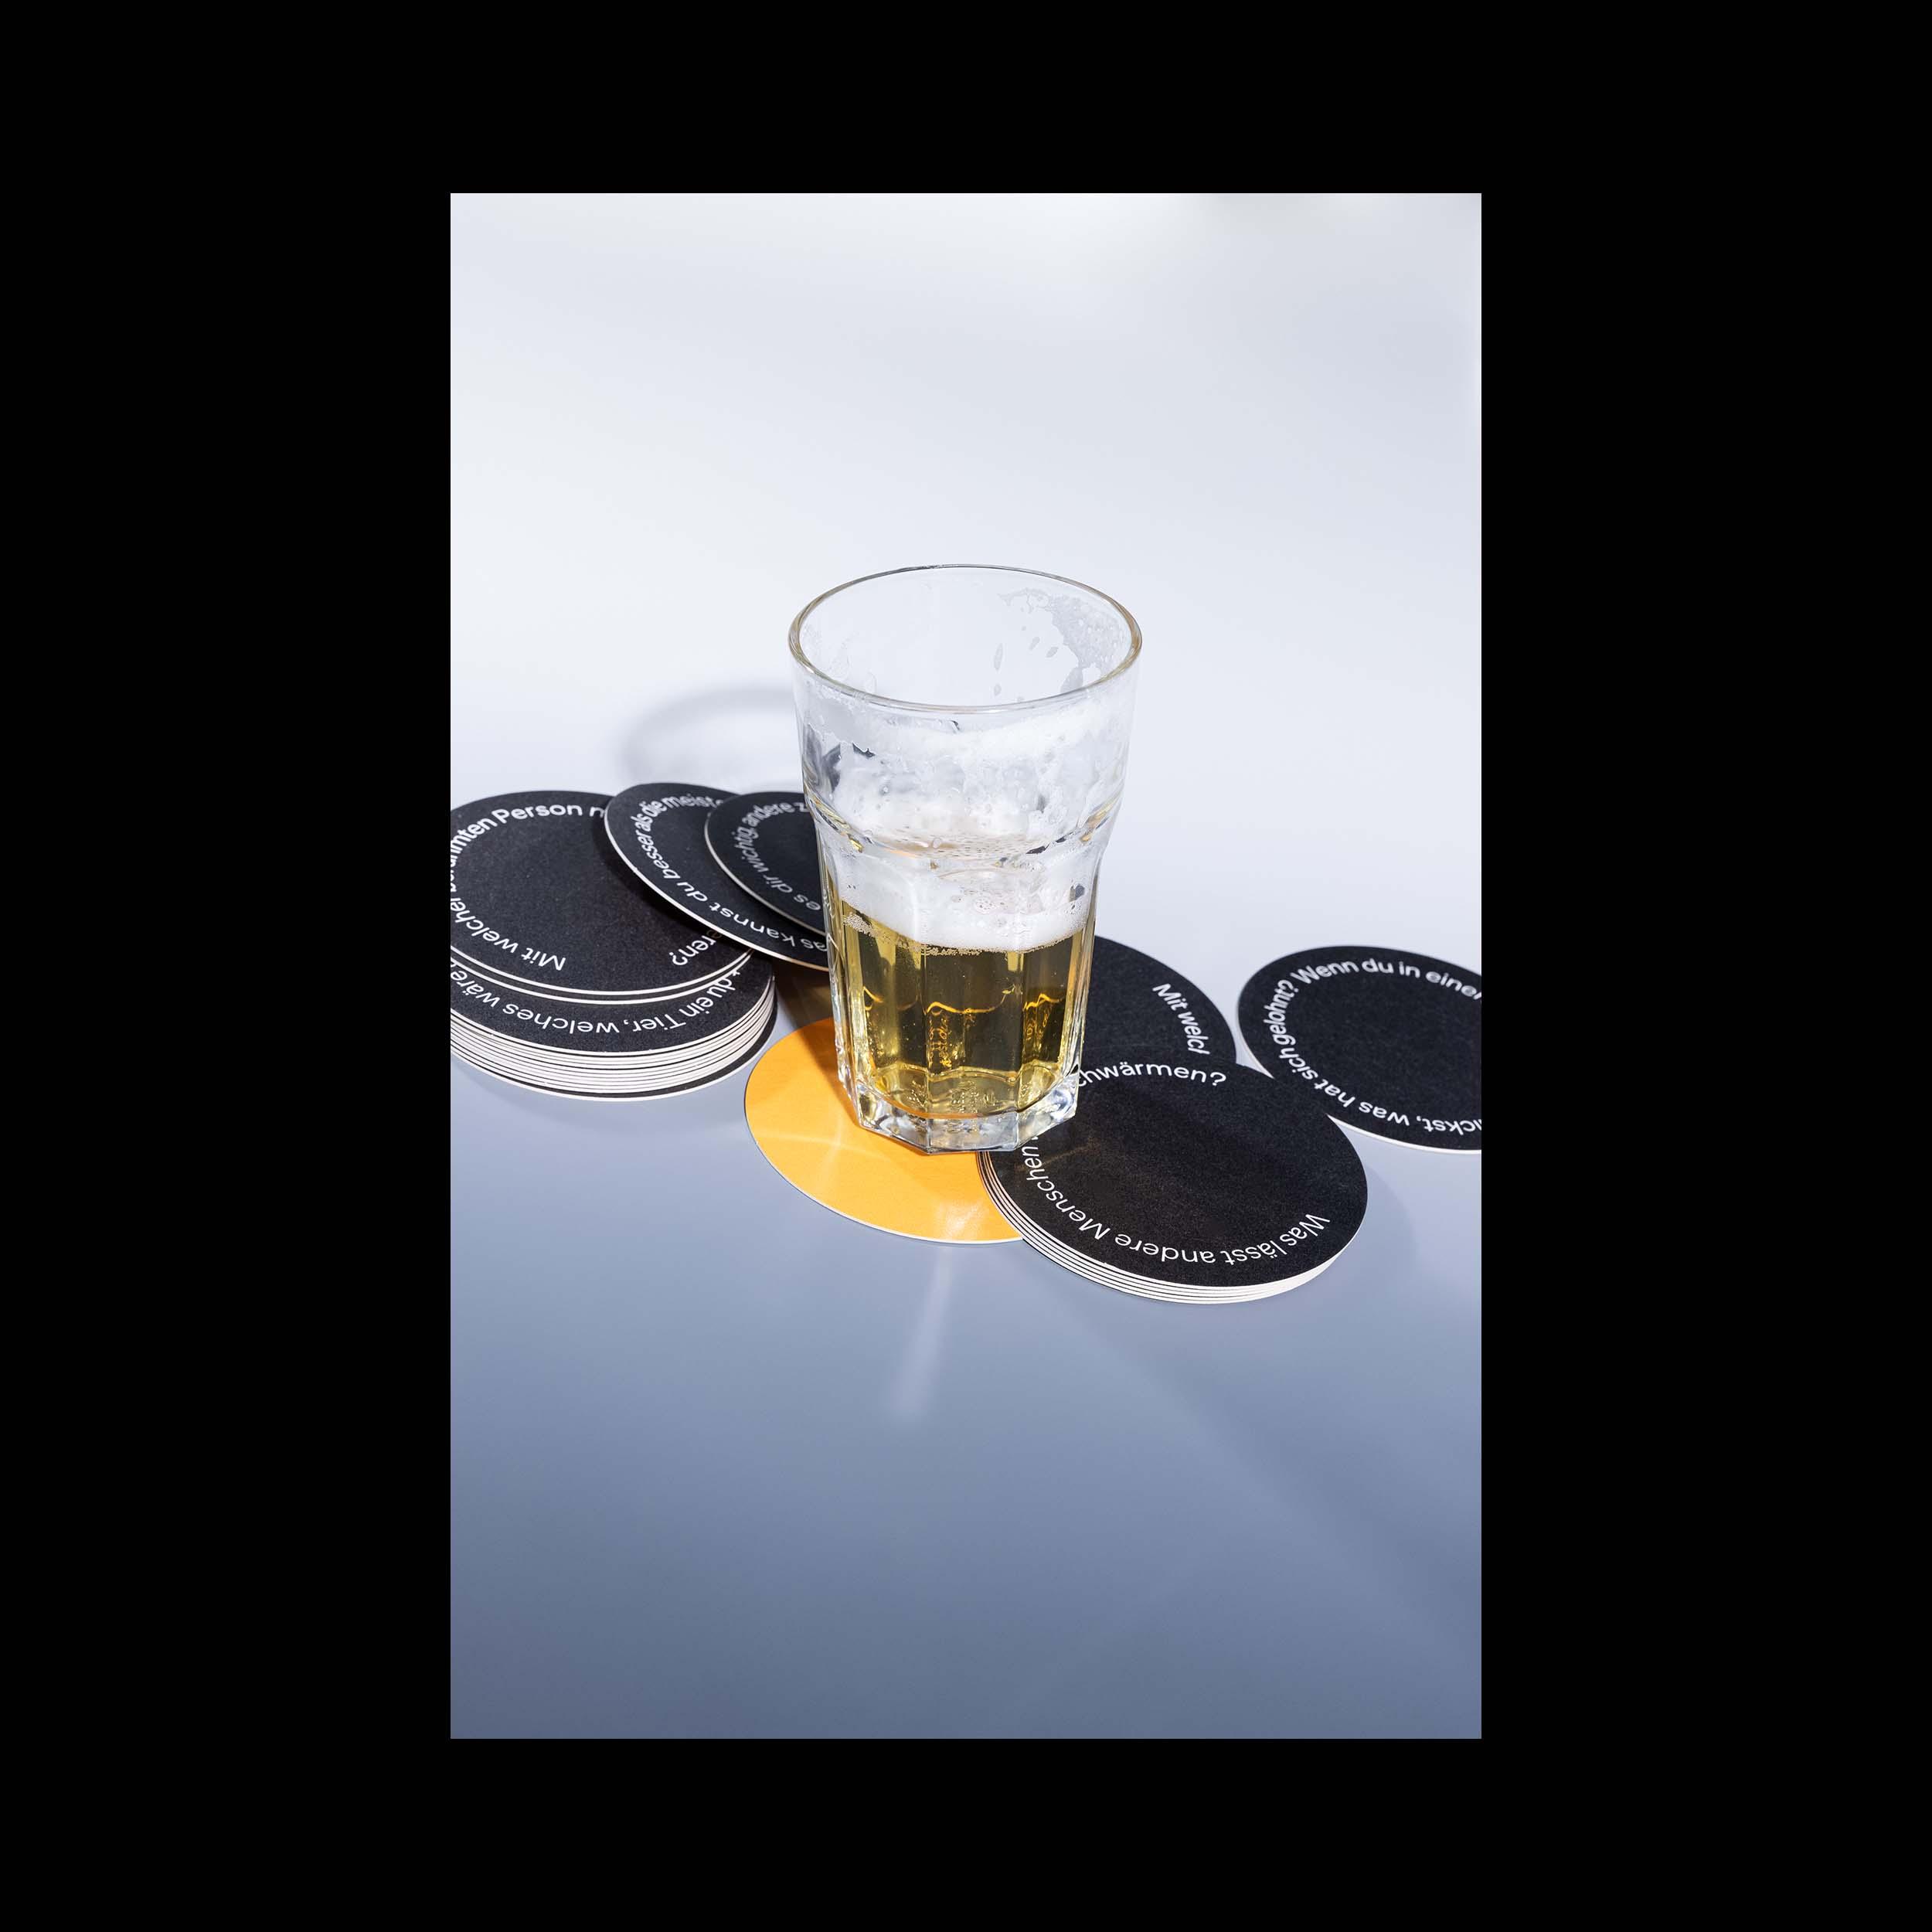 Ein fast ausgetrunkenes Bier mit einigen der Identitäts-Fragekarten von Brink.